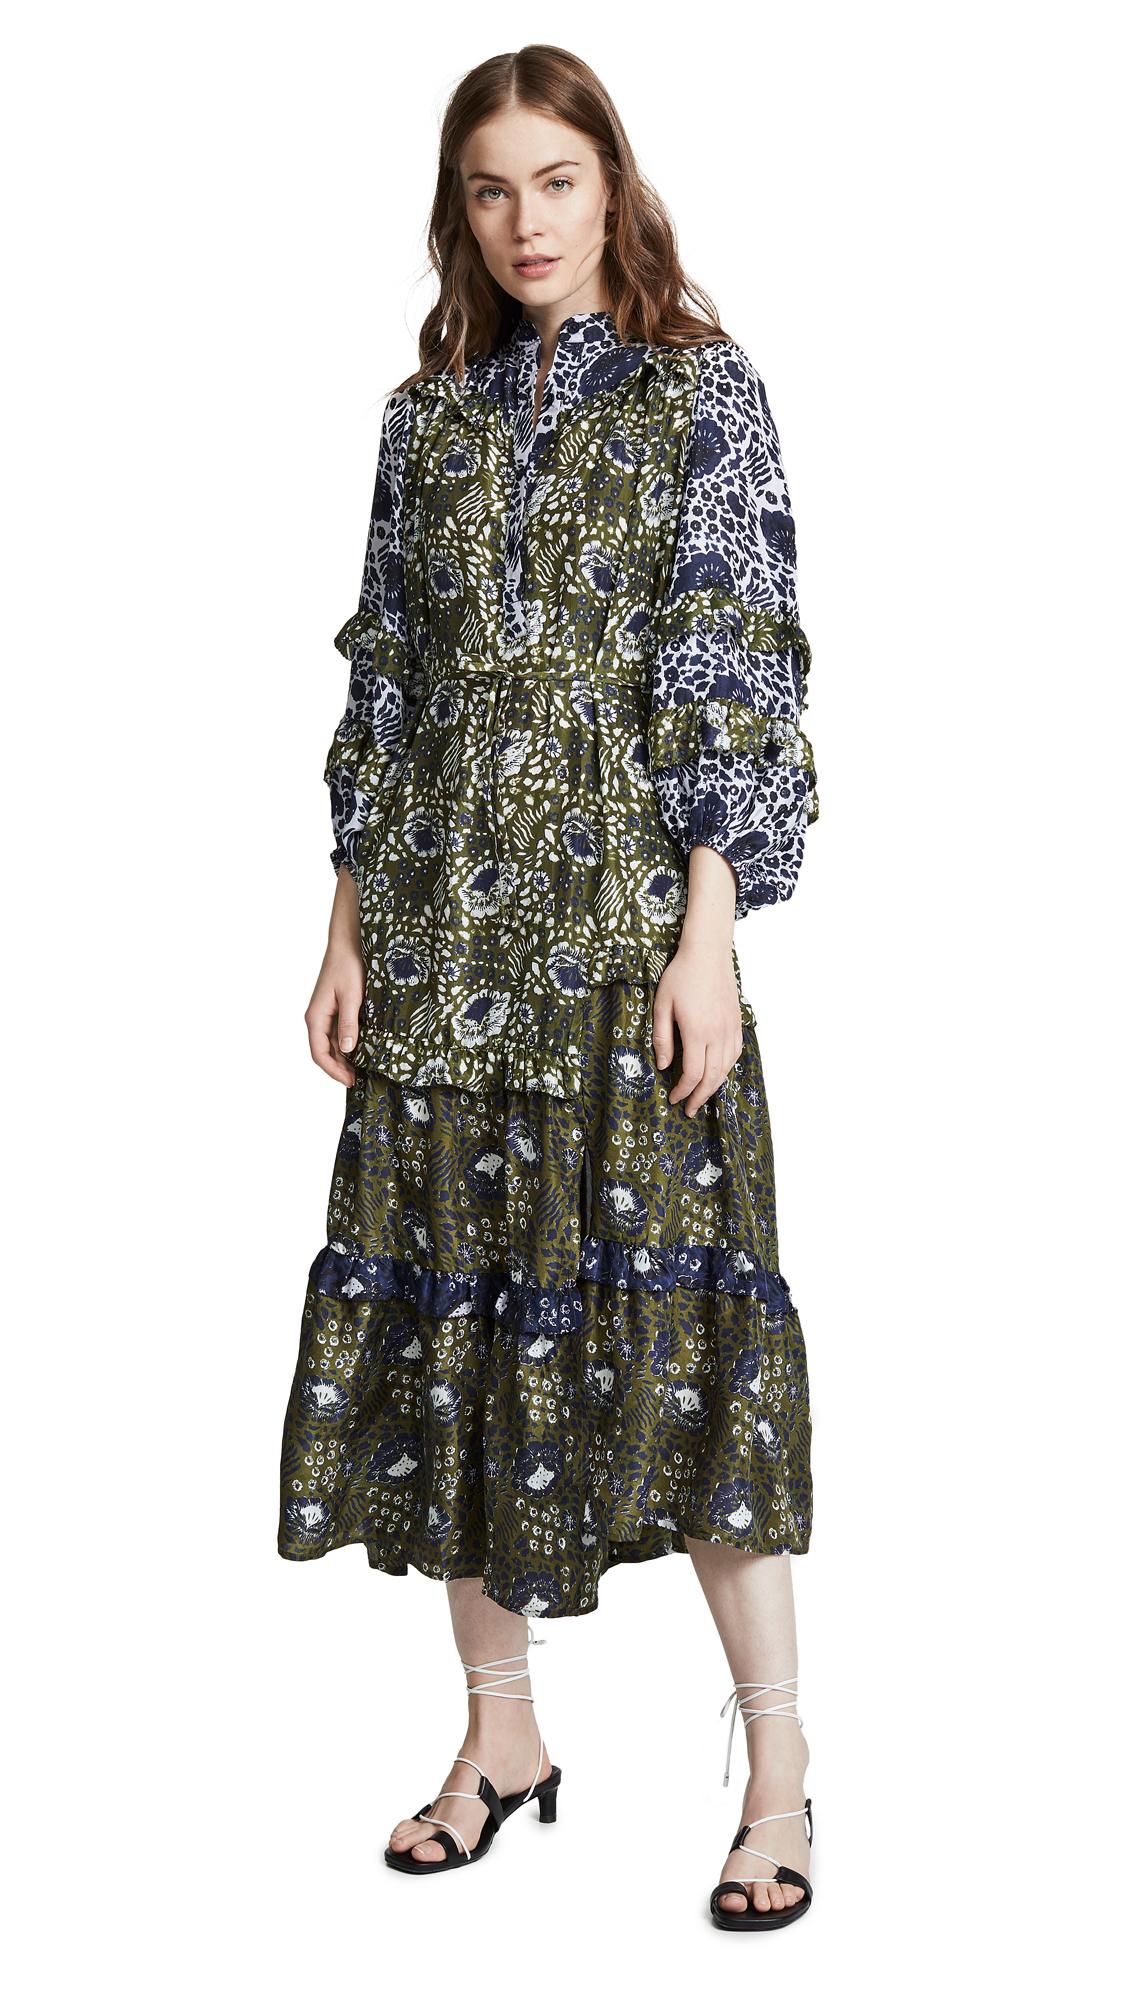 APIECE APART Gracia Flamenca Dress In Basil Sombras Floral